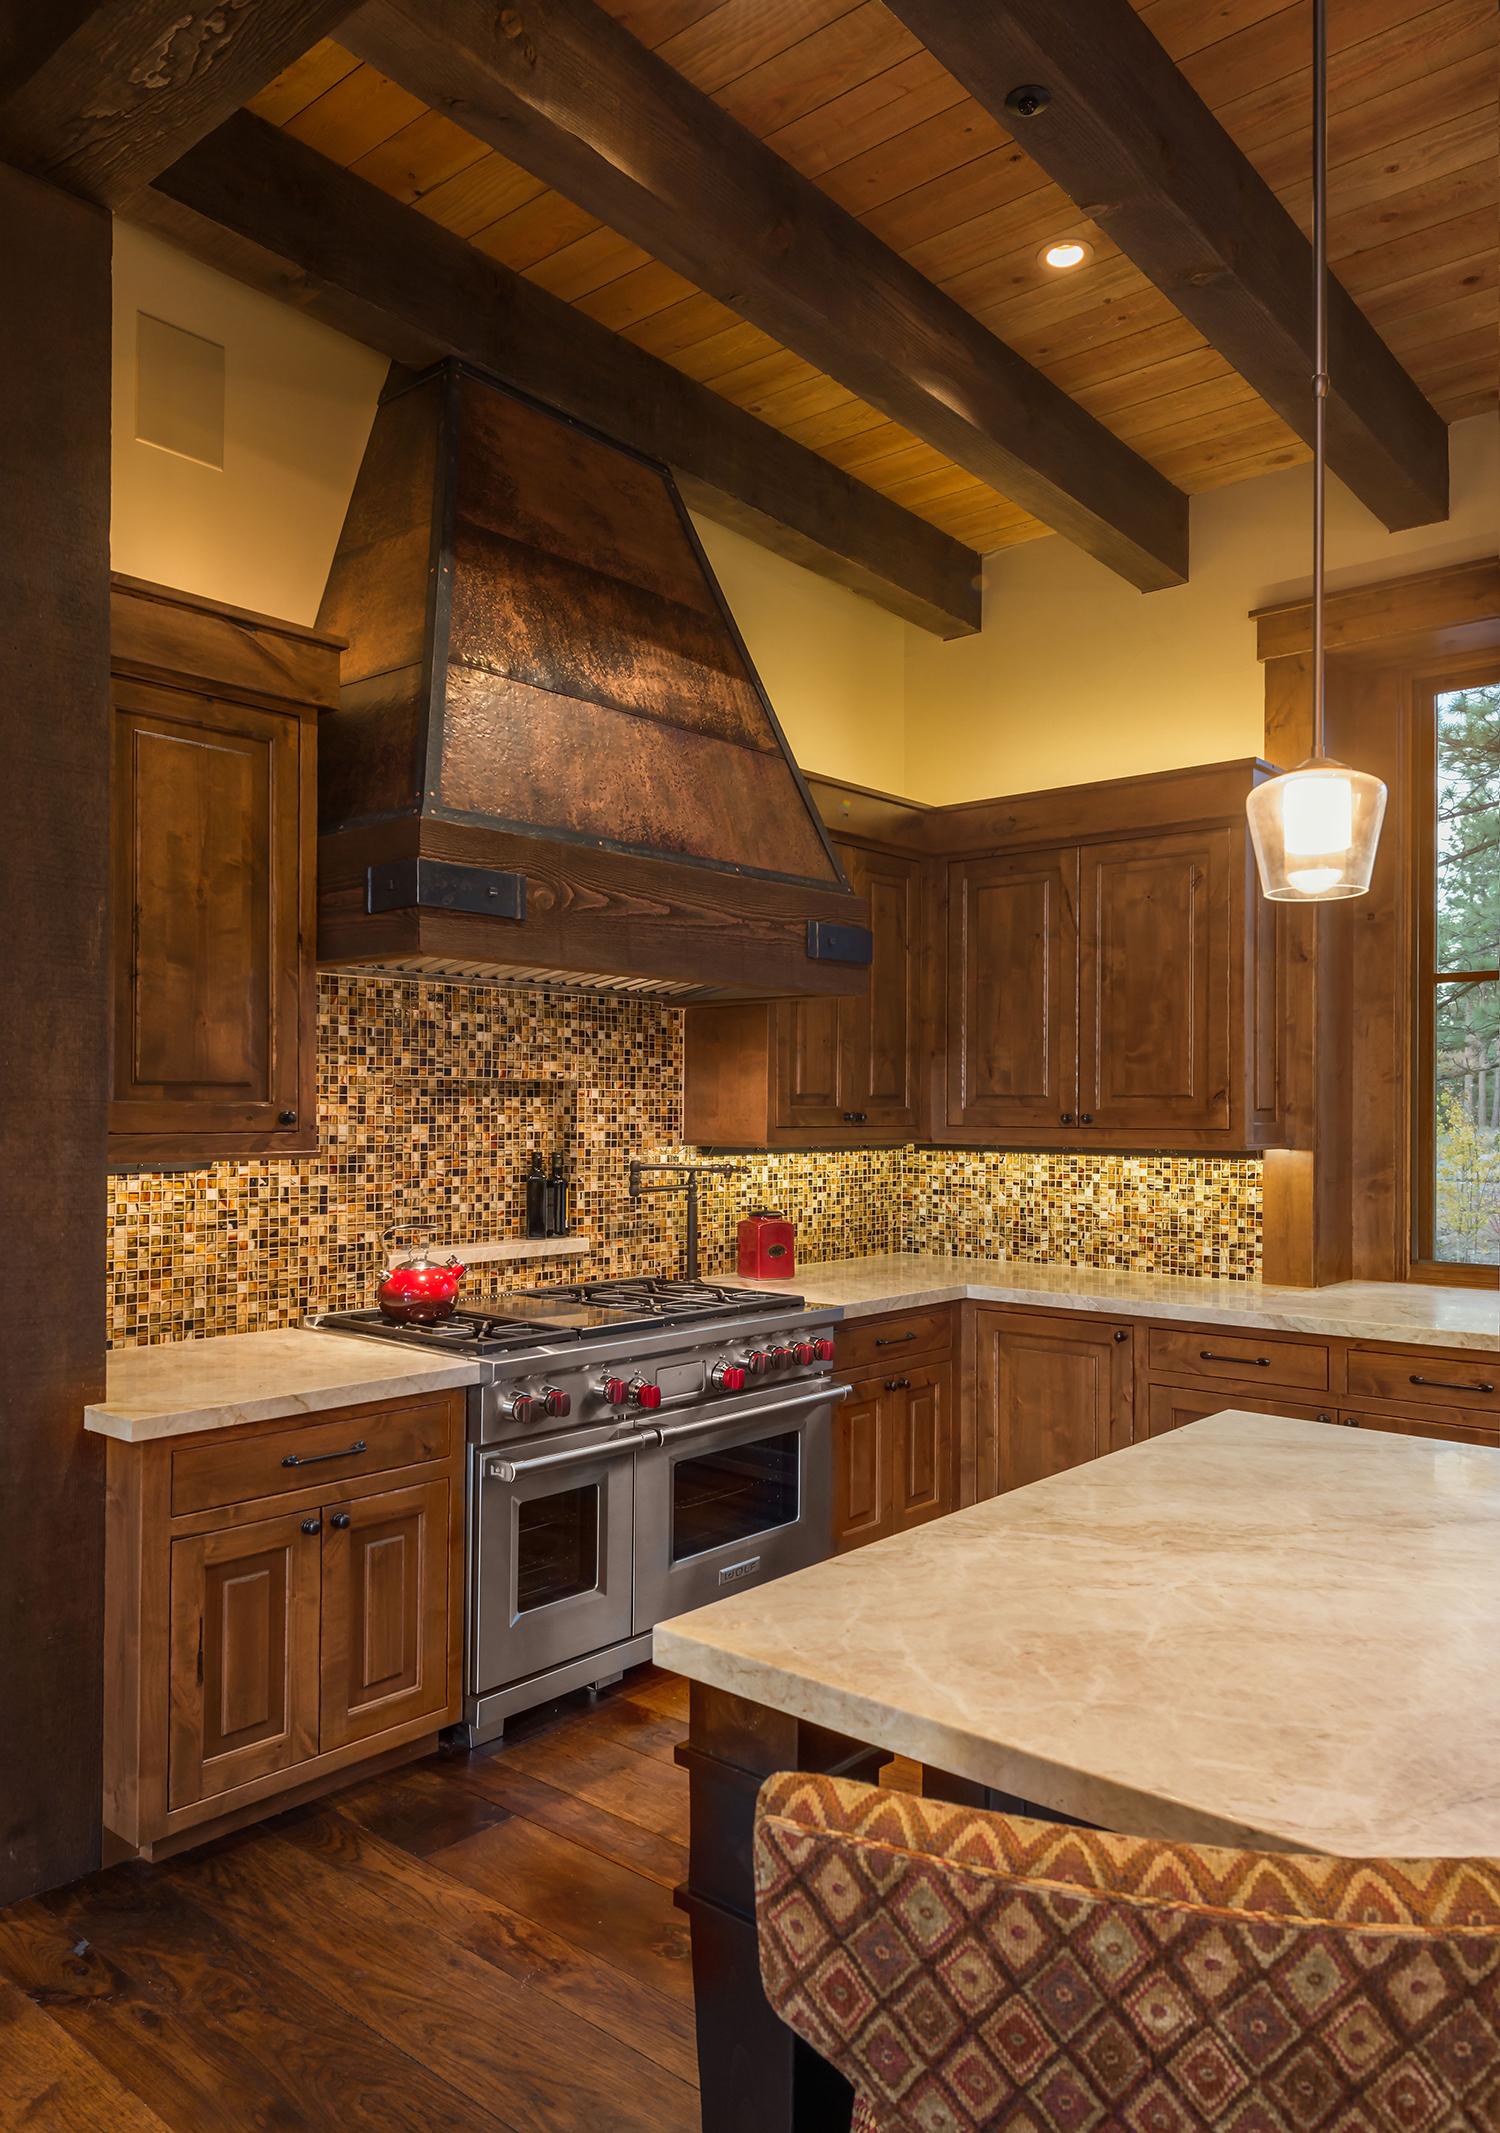 Lot 513_Kitchen_Copper Hood_Tile Backsplash.jpg